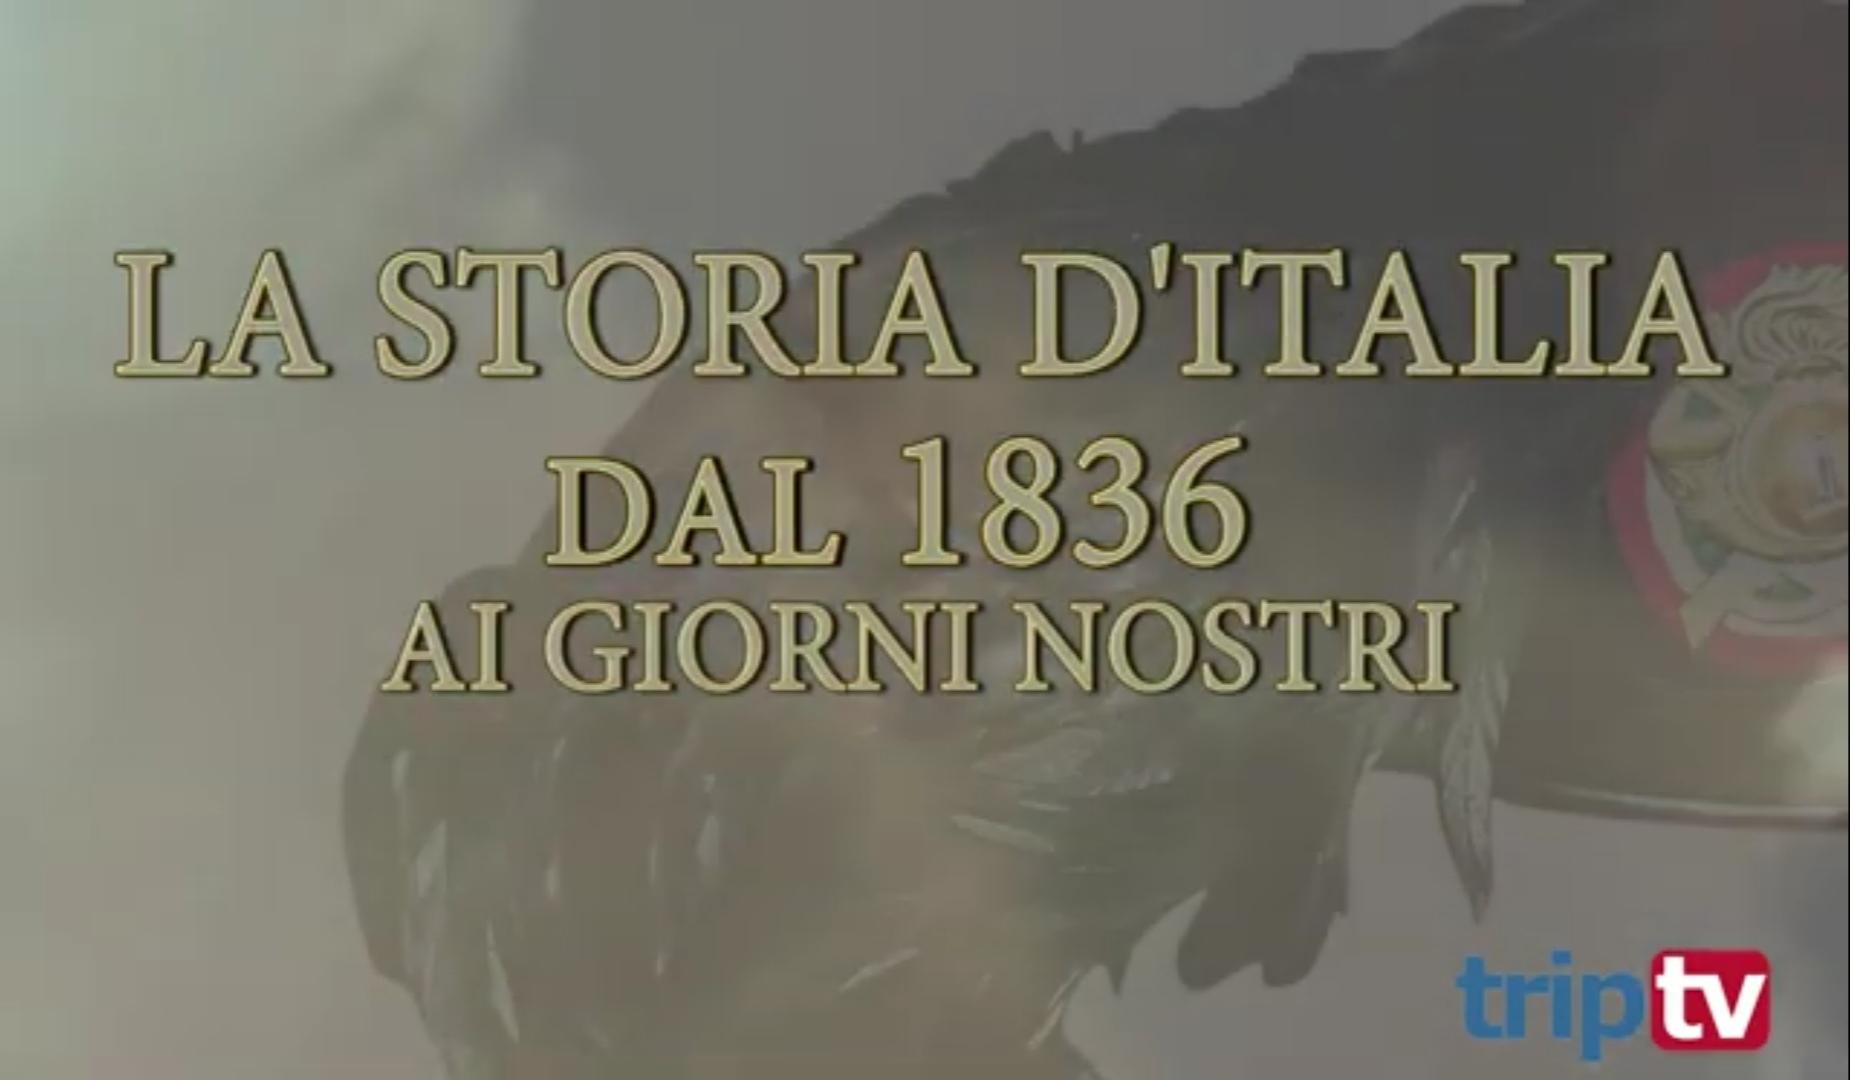 La Storia d'Italia dal 1836 ai giorni nostri attraverso l'epopea dei Bersaglieri